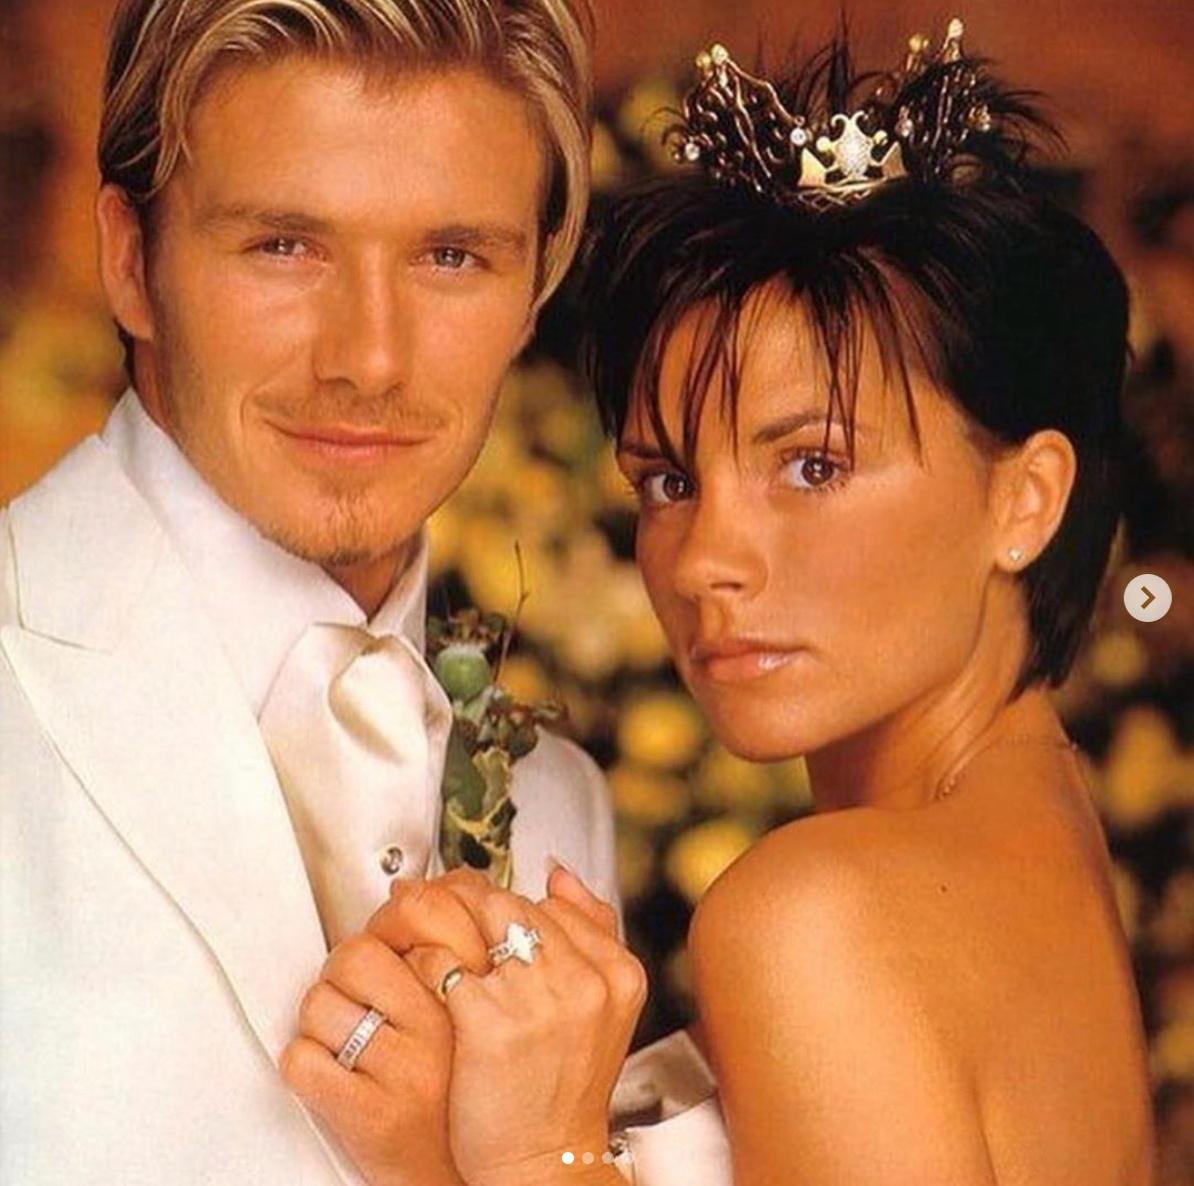 ⑤ベッカム夫妻が懐かしい写真&ヴェルサイユ宮殿貸し切りディナーで結婚20周年をお祝い